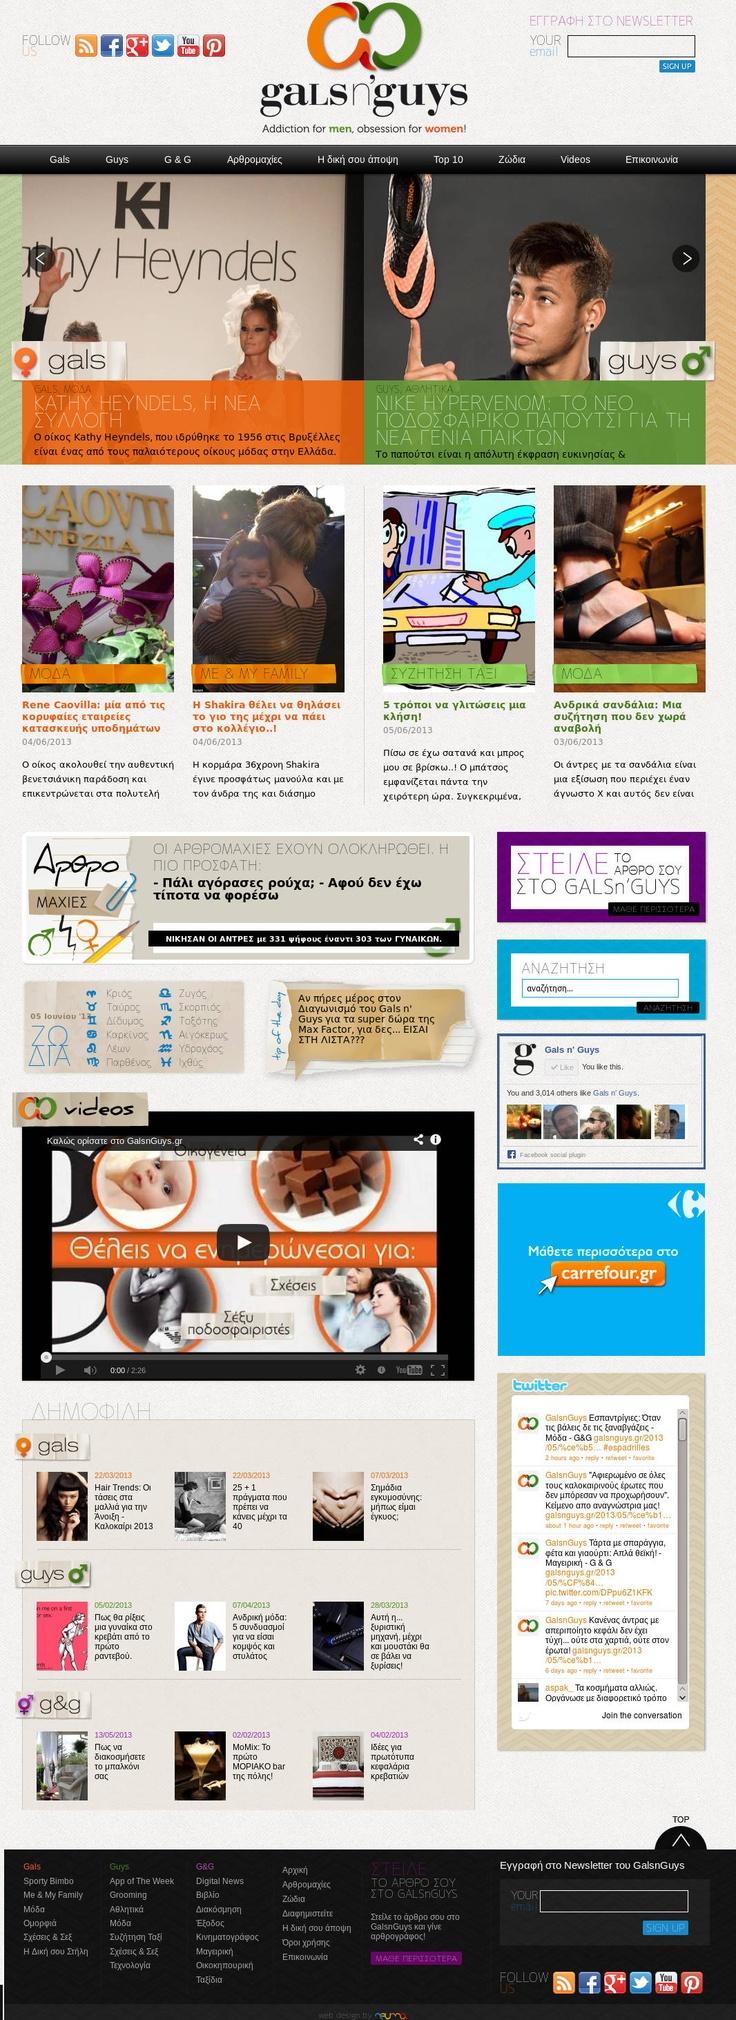 Η Nevma σχεδίασε και κατασκεύασε την ιστοσελίδα galsnguys.gr. Πλέον όλες οι gals και όλοι guys ενημερώνονται καθημερινά πάνω σε μια πλούσια θεματολογία γύρω από θέματα που αφορούν την κάθε ομάδα ξεχωριστά αλλά και τις δύο ταυτόχρονα, όπως μόδα μαγειρική και τεχνολογία!  www.galsnguys.gr